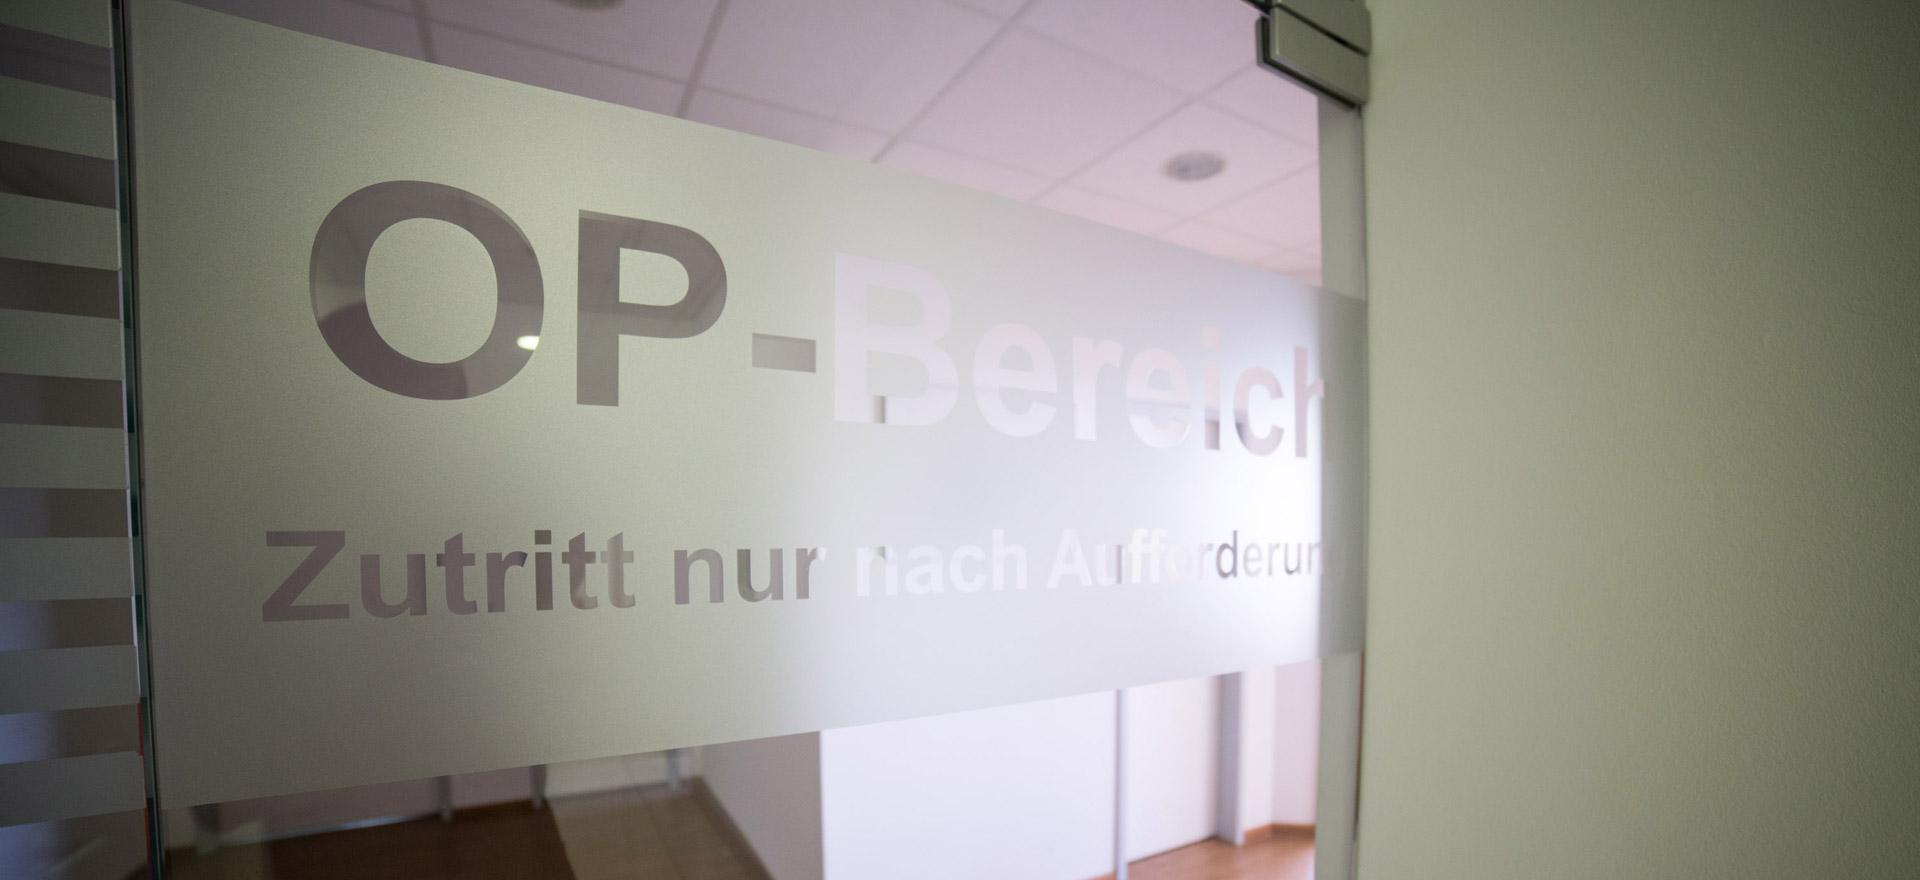 Eingangstür des OP-Bereichs im Belleza-Zentrum für Implantate in Berlin.